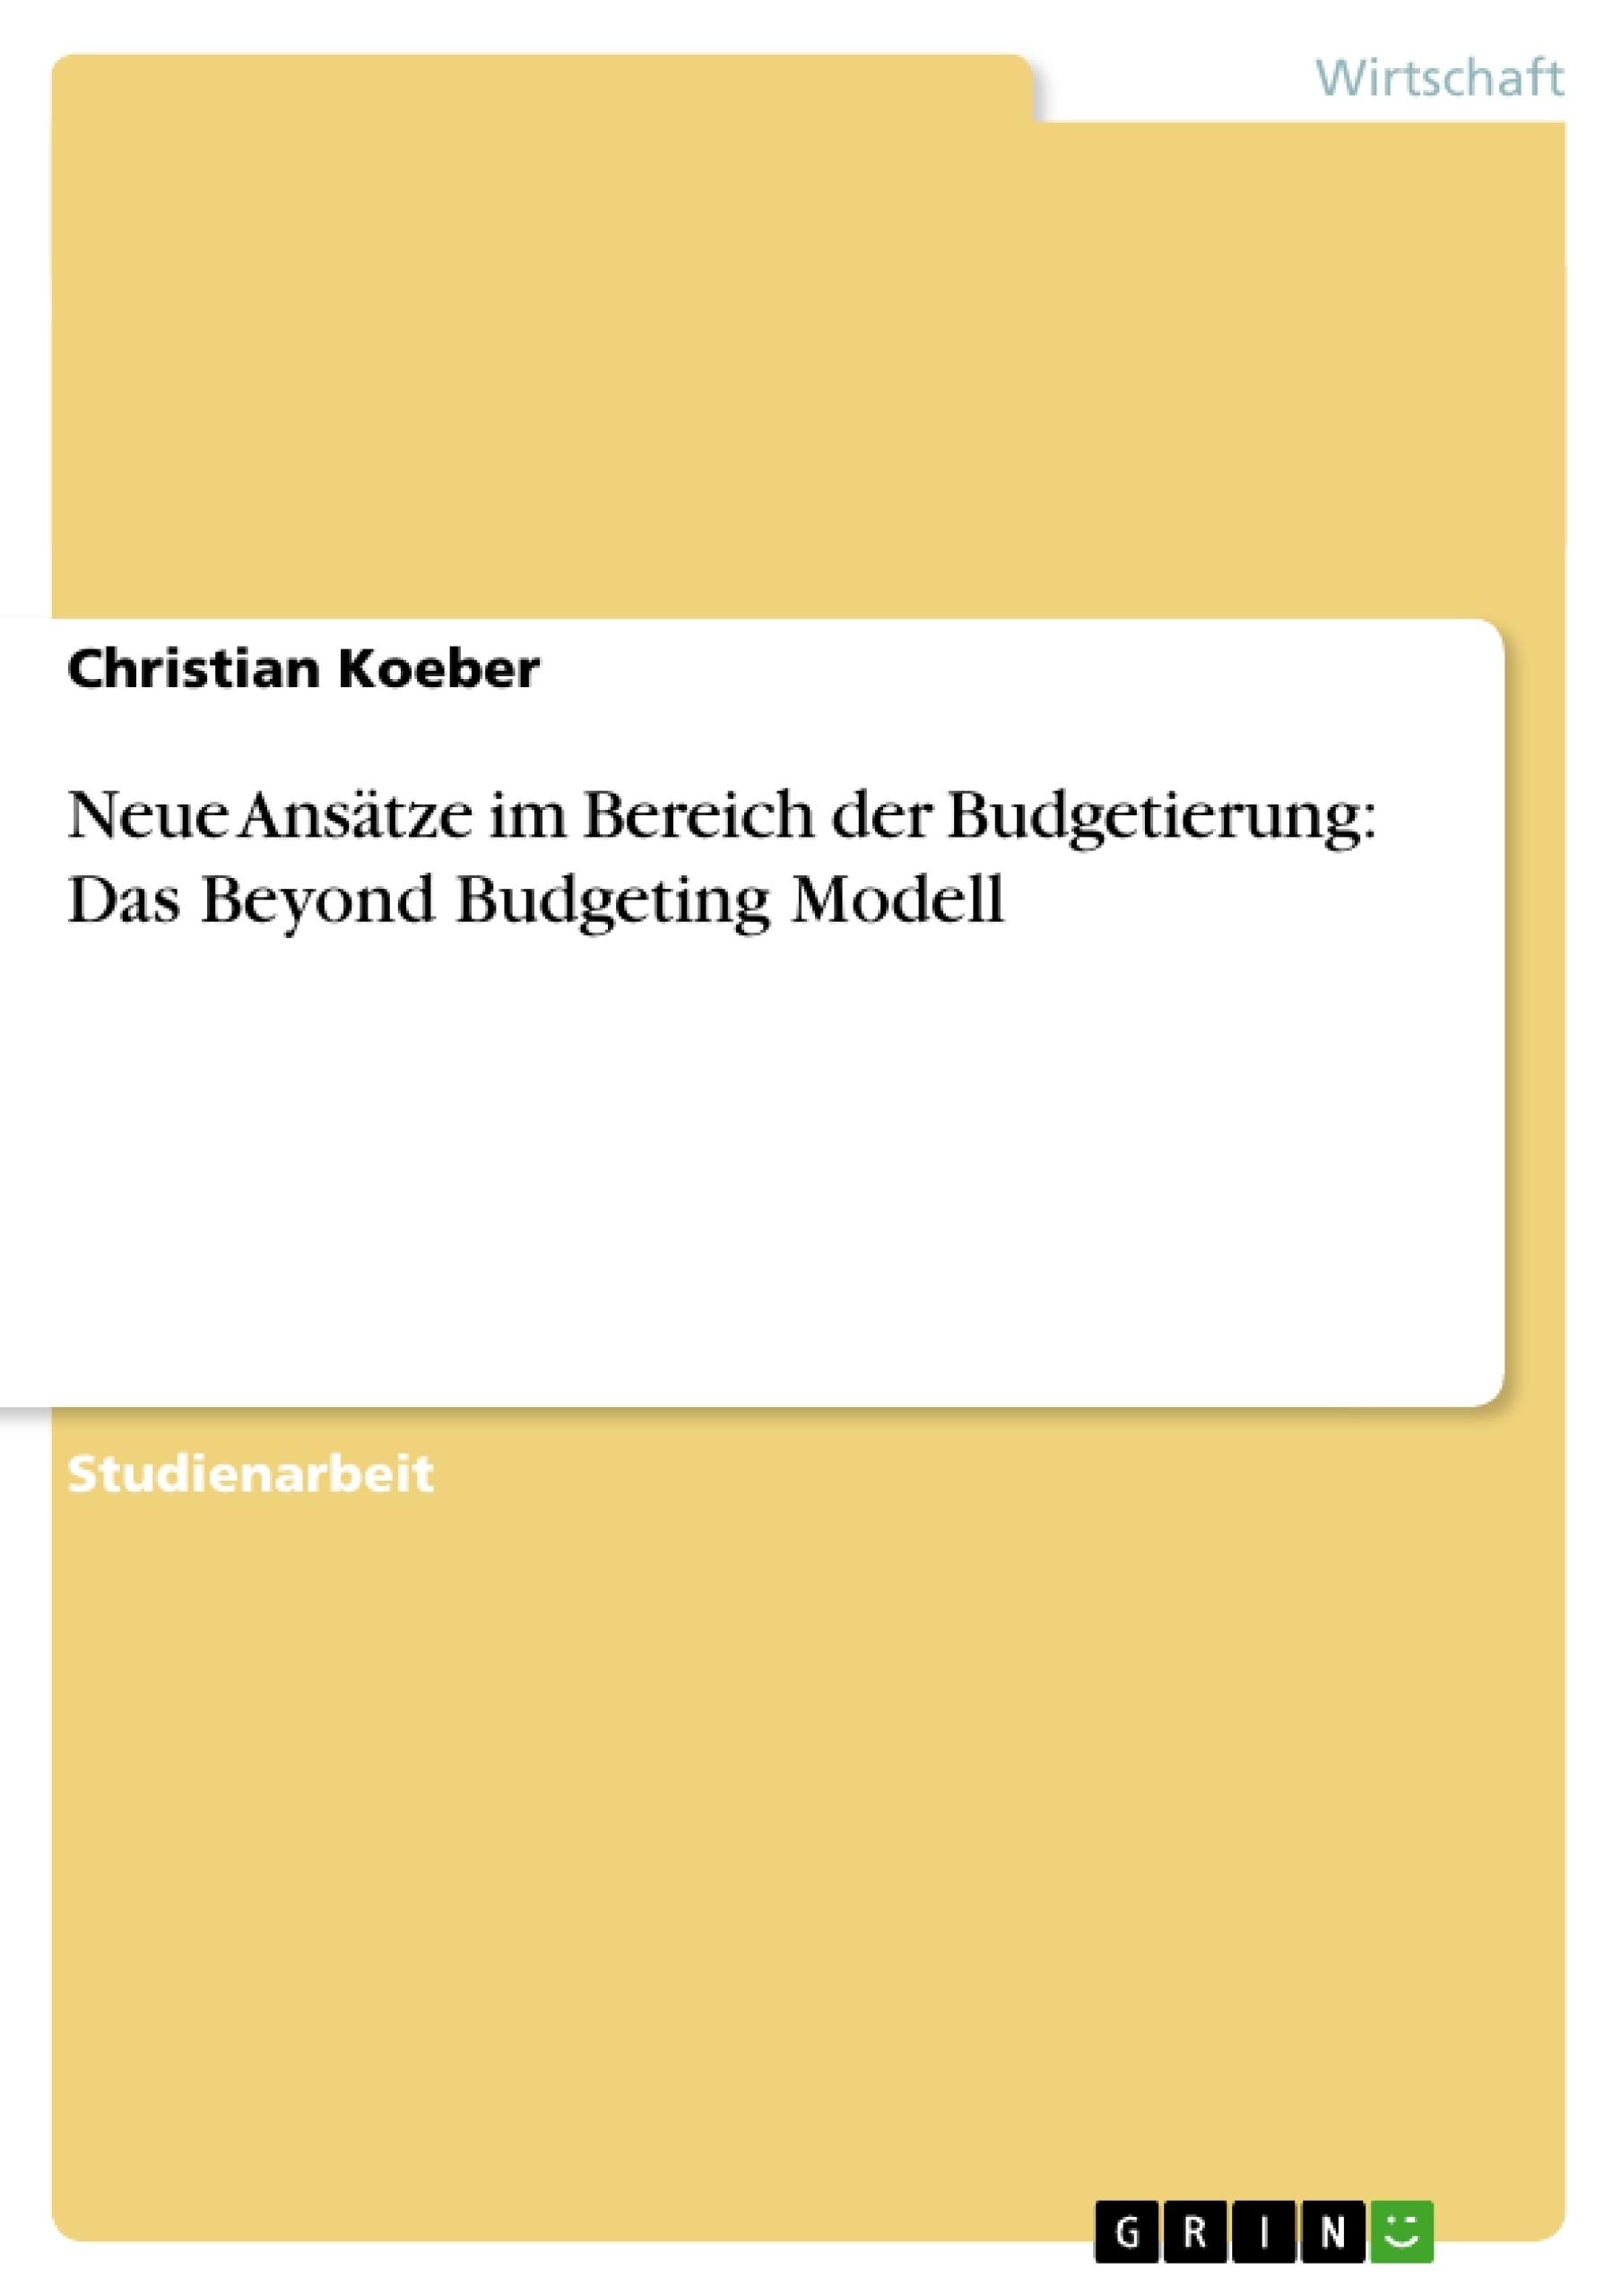 Titel: Neue Ansätze im Bereich der Budgetierung: Das Beyond Budgeting Modell